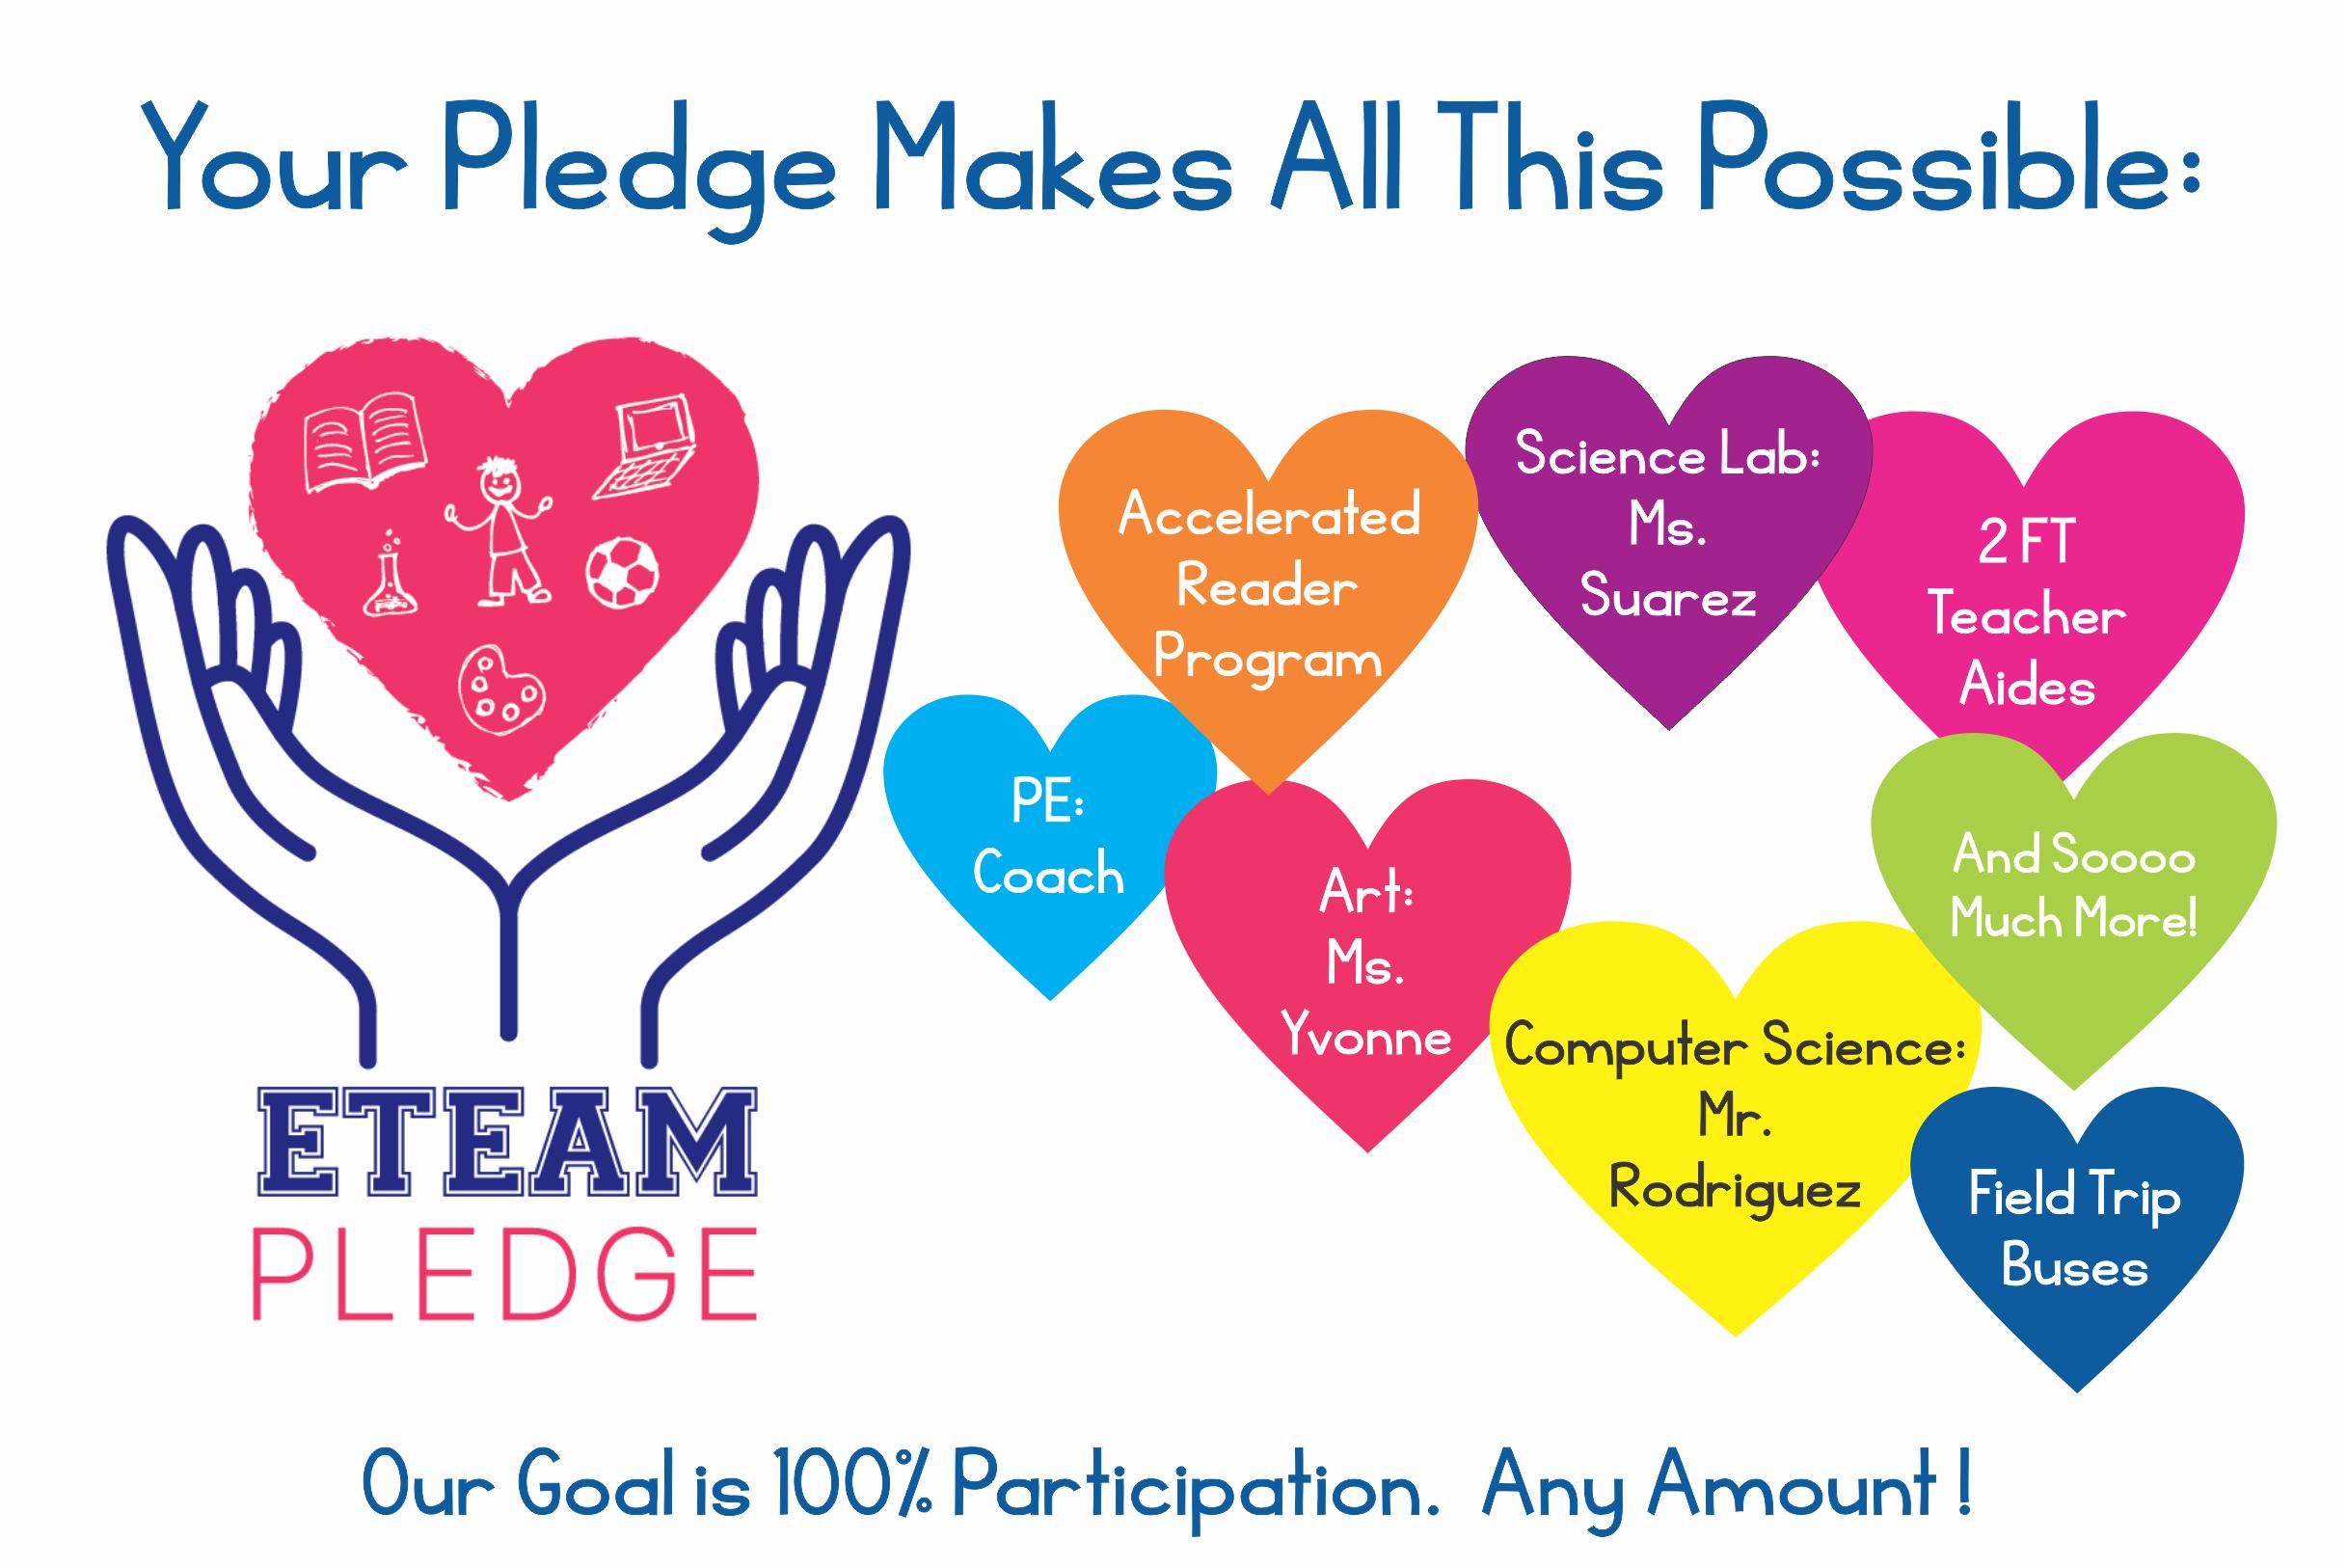 E-Team Pledge